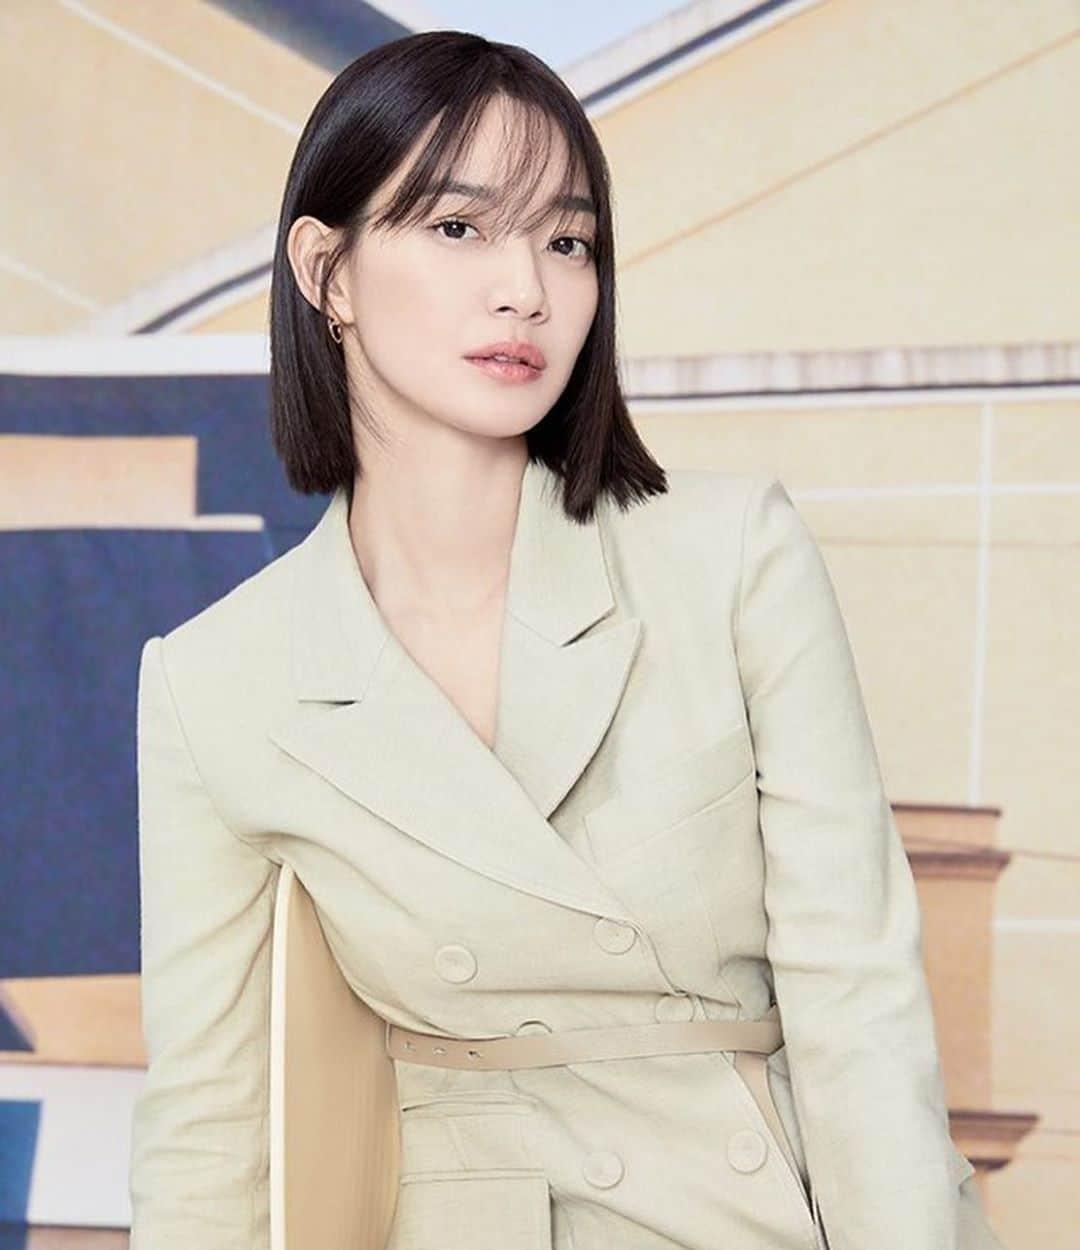 Shin Min-a South Korean Model, Actress